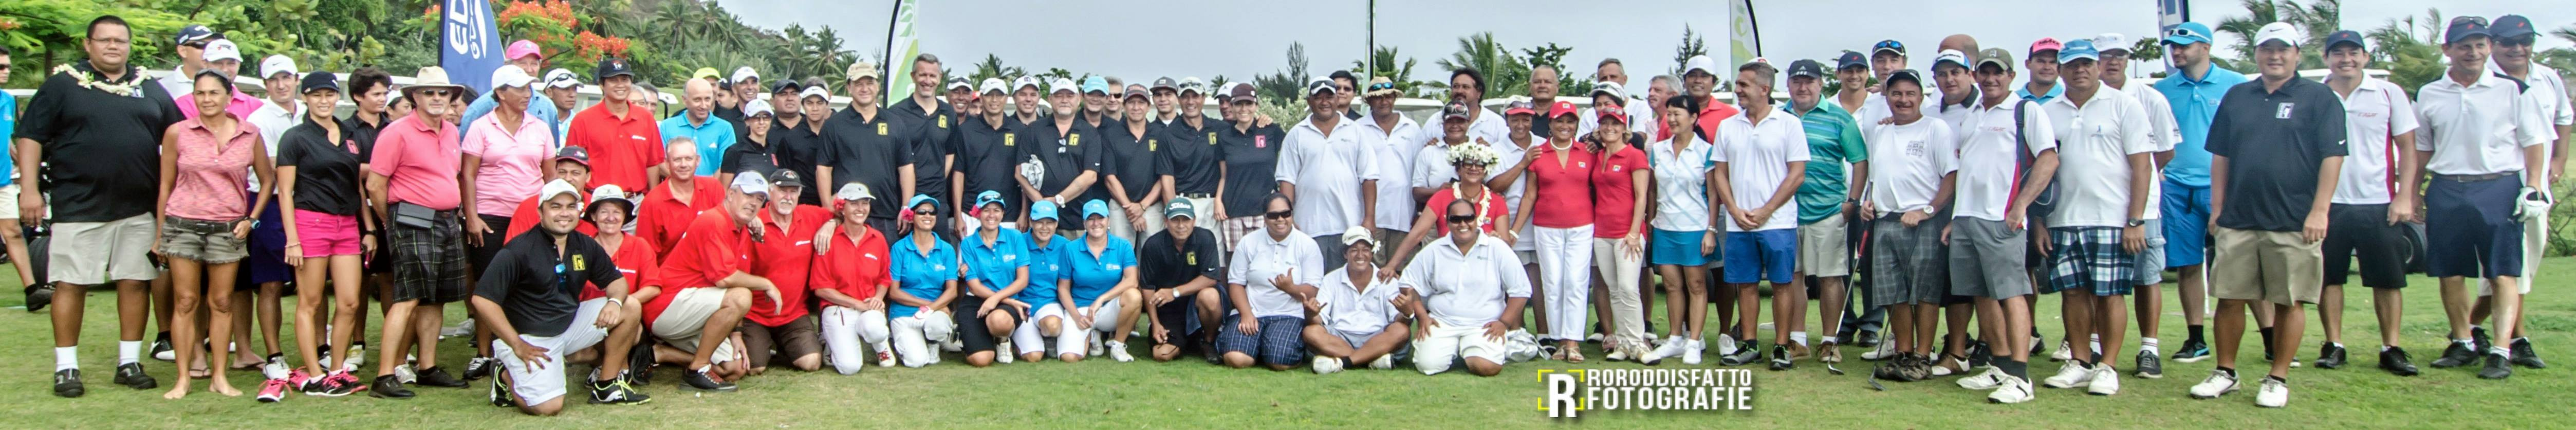 Golf : 3ème édition du « Trophée des Entreprises » - Diaporama et résultats en téléchargement